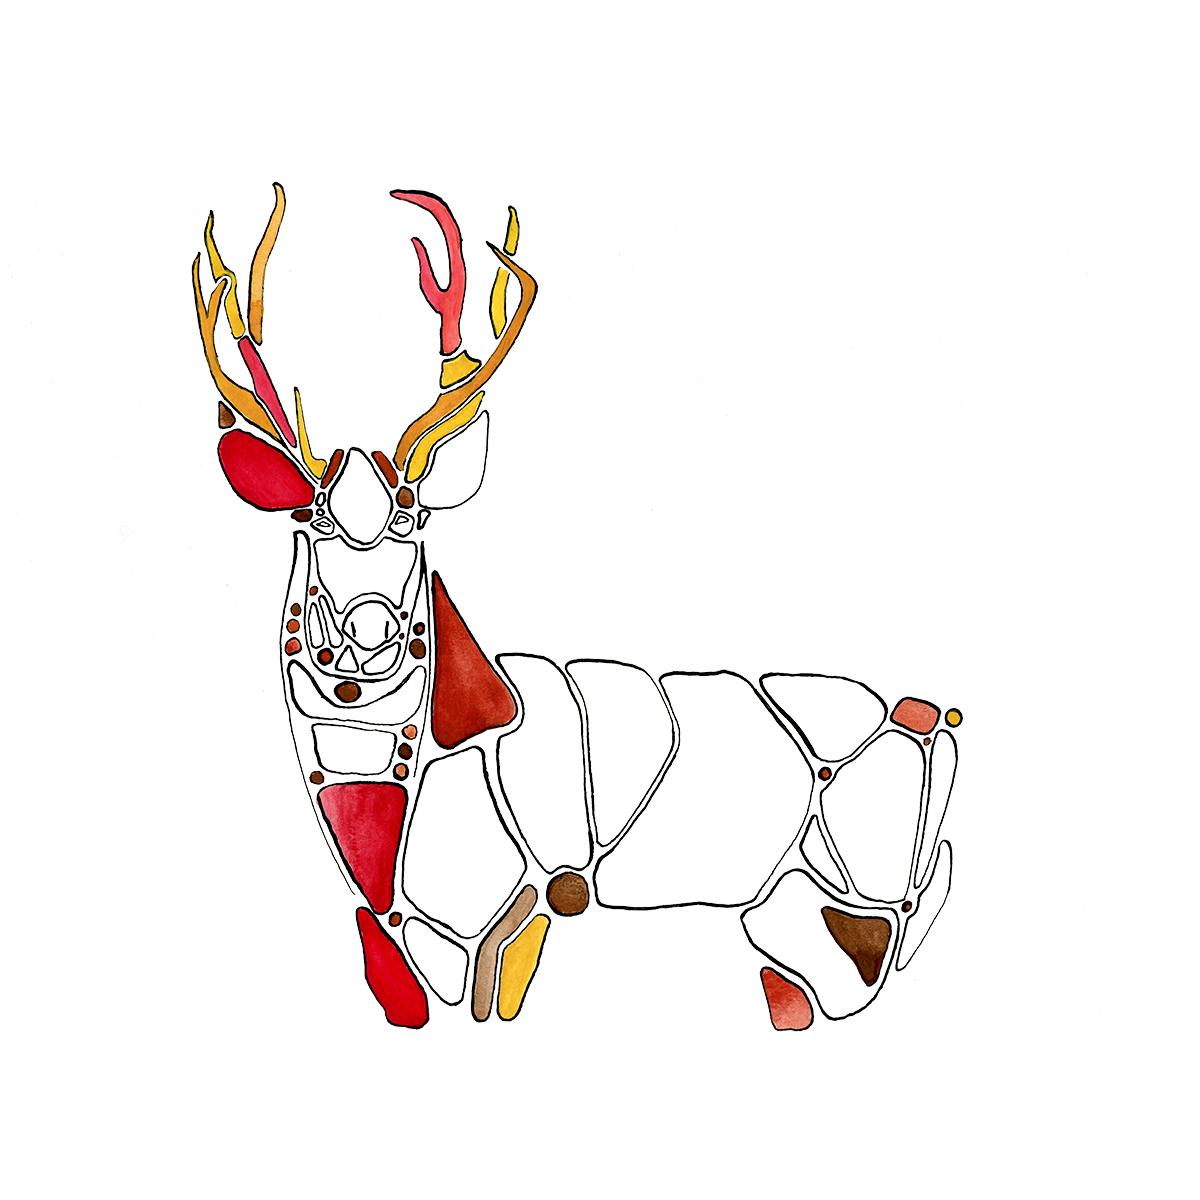 Mule-Deer watercolour painting by Ned Tobin